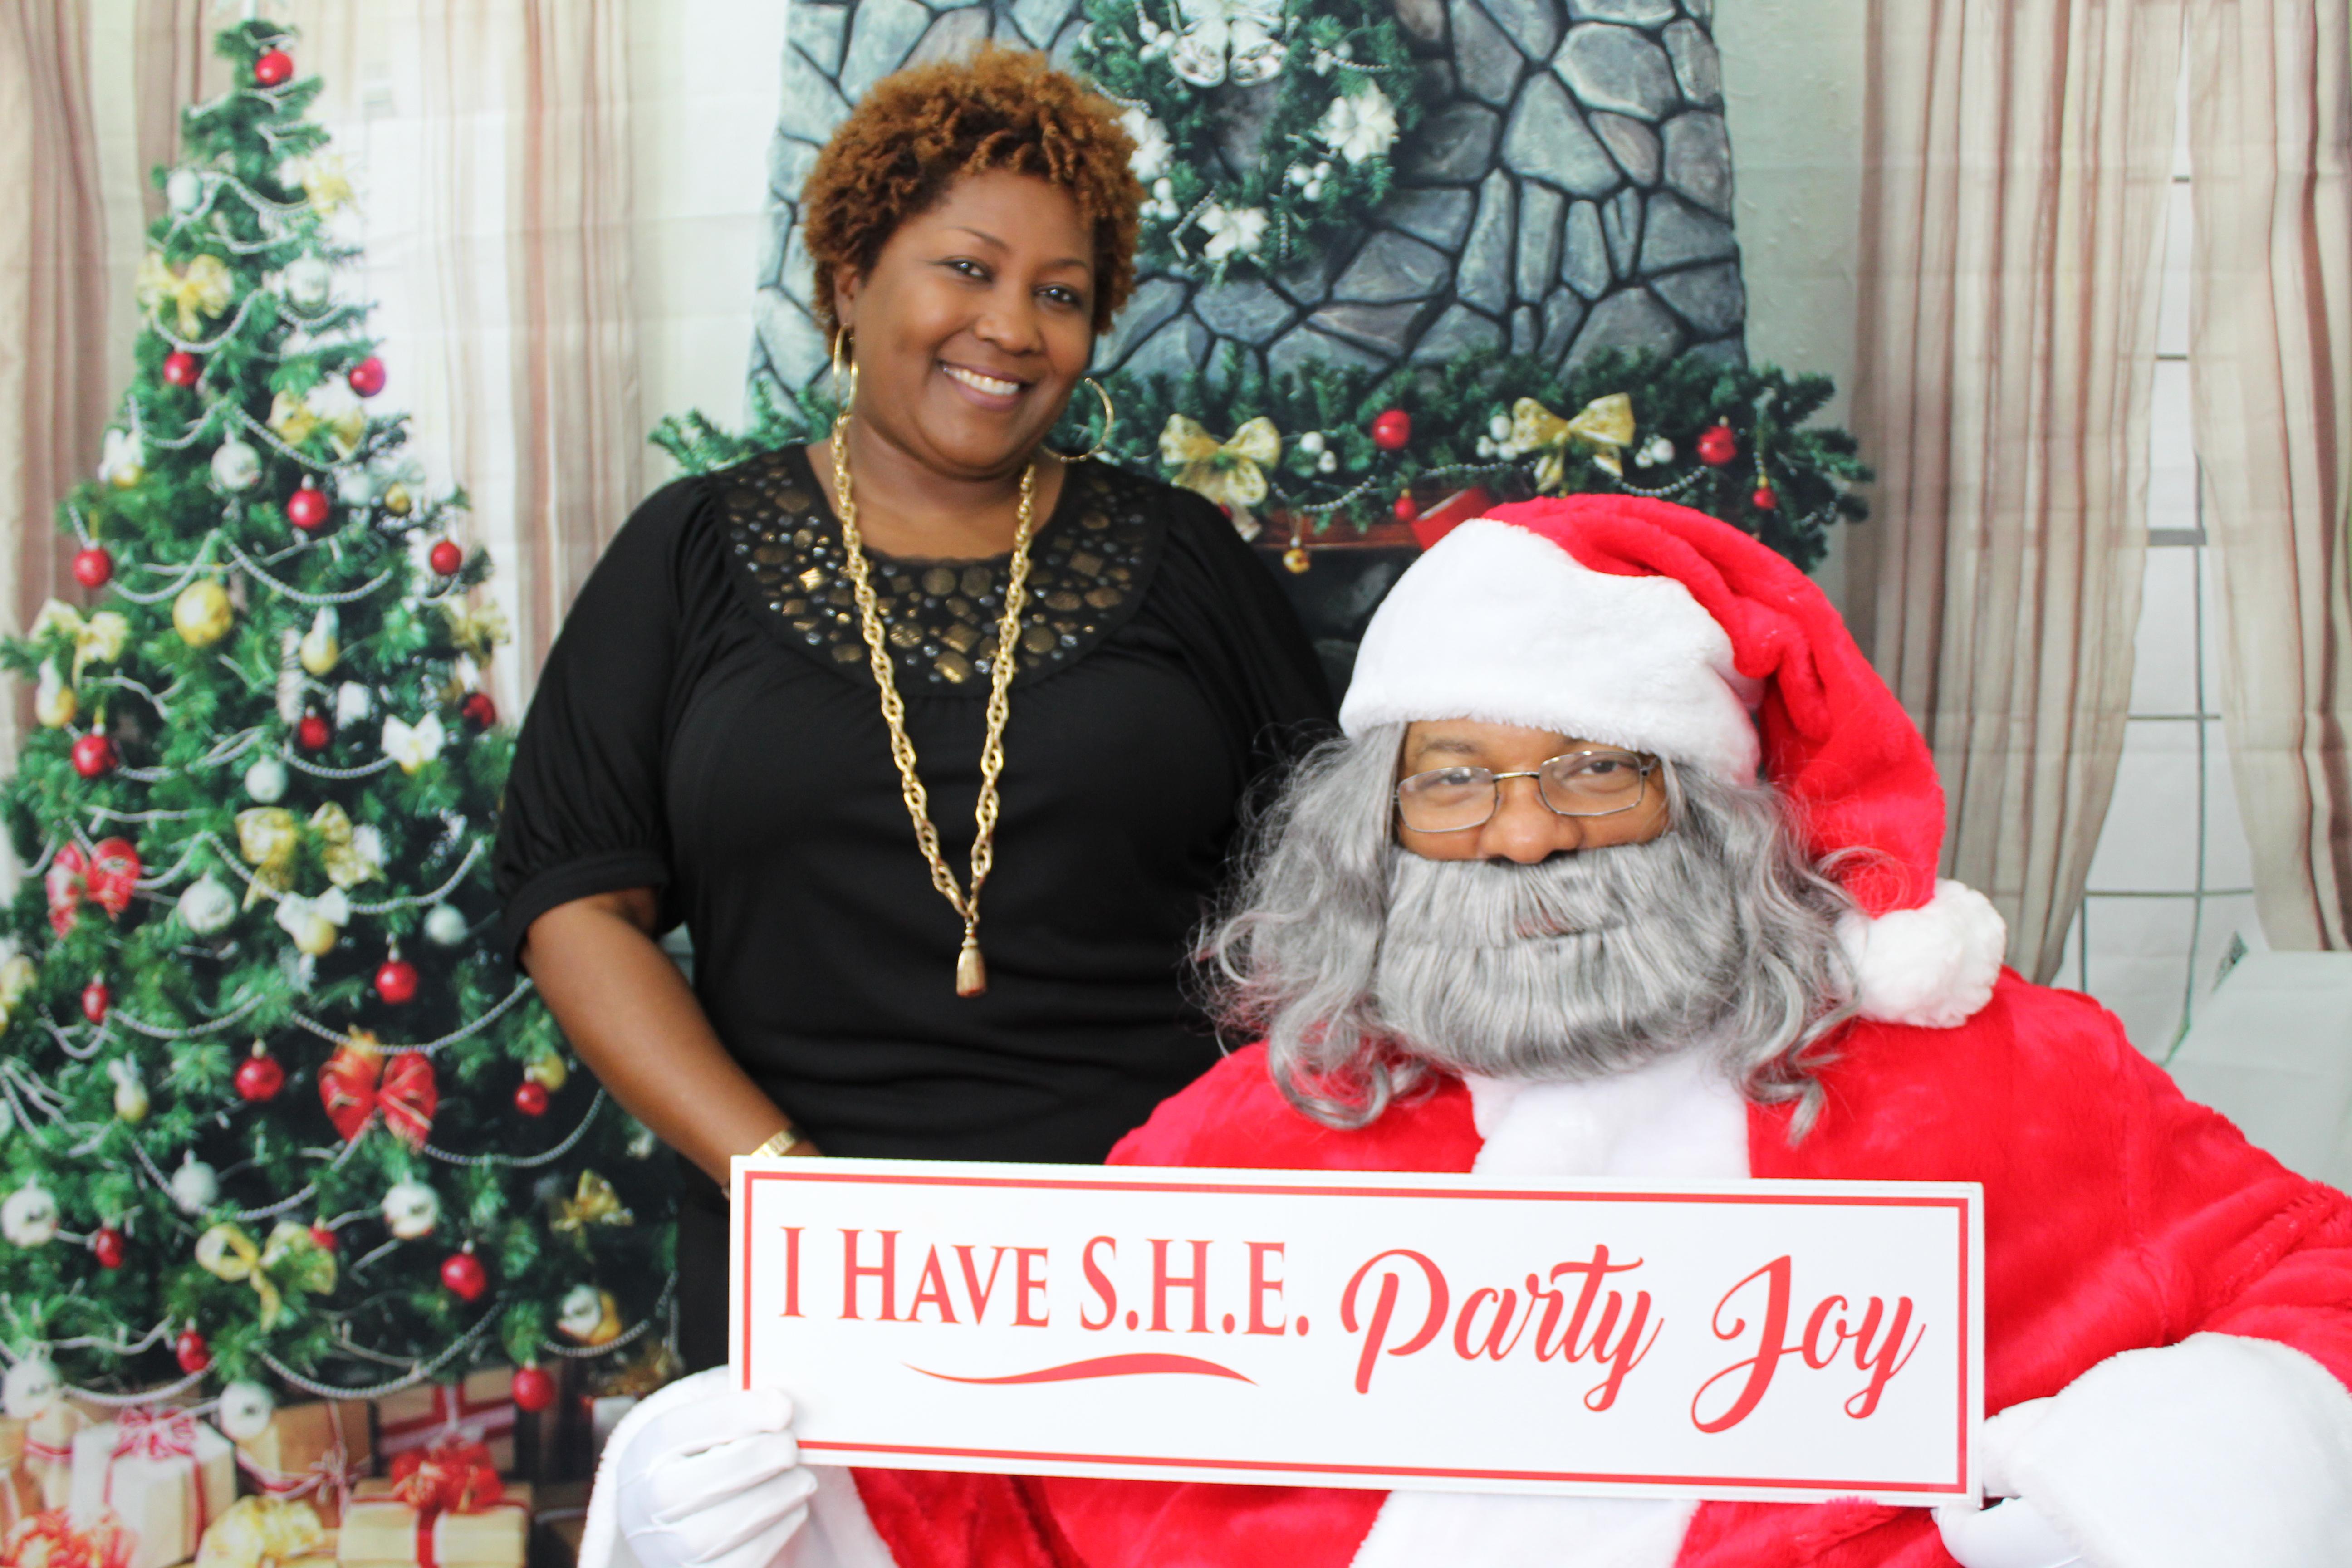 Tan and Santa